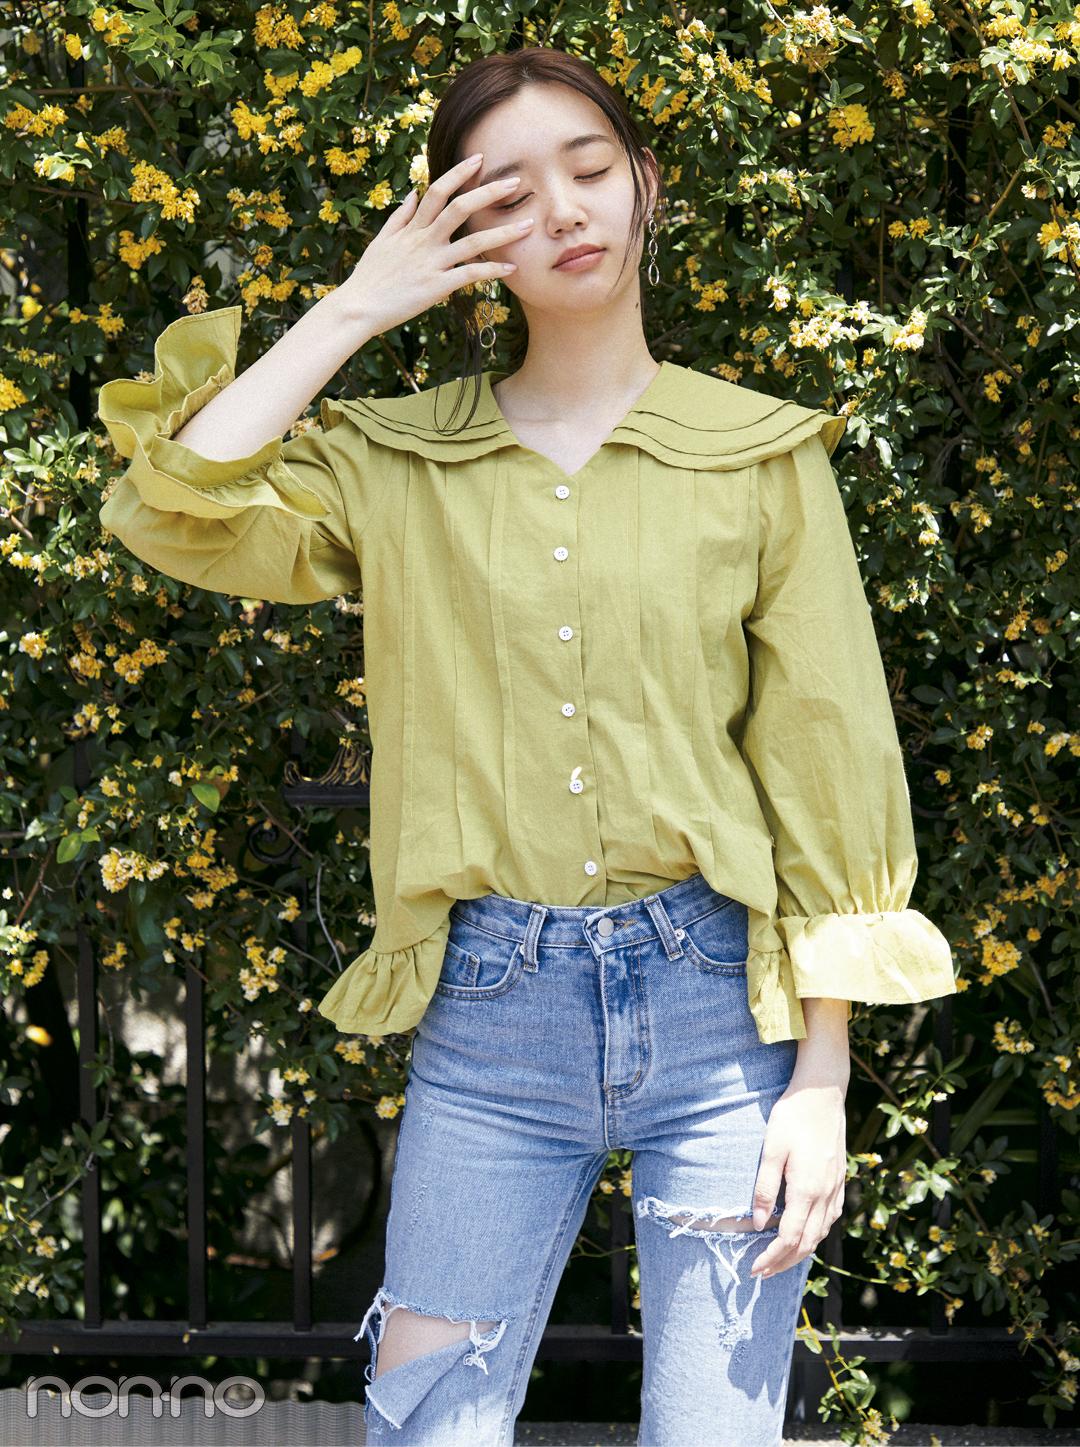 韓国ファッション2018夏♡ レトロなフリルブラウスコーデがイン!_1_1